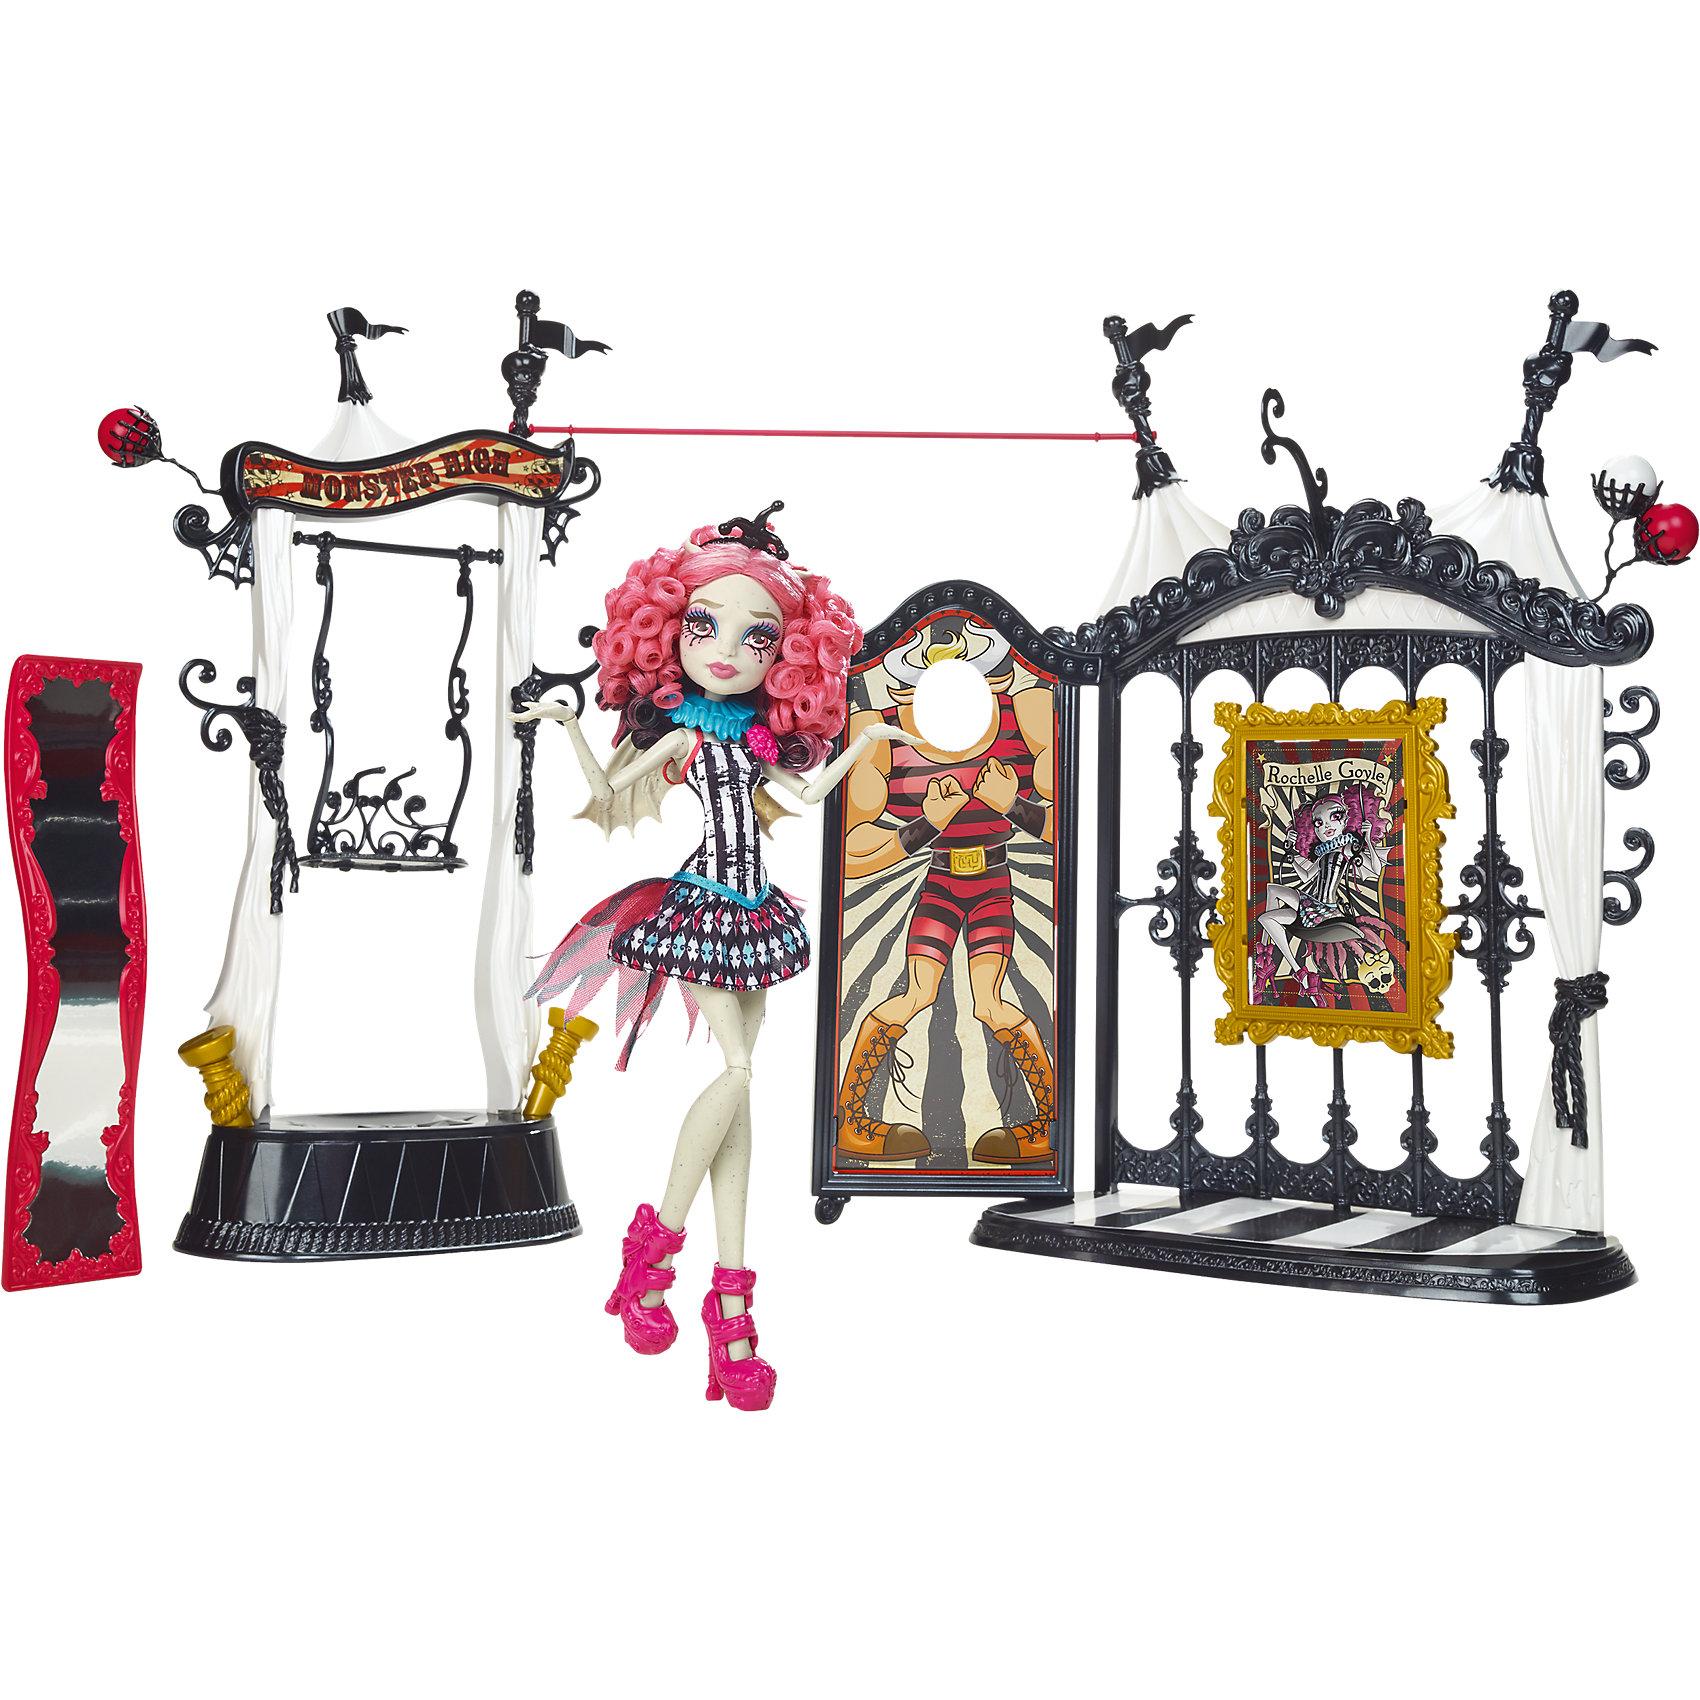 Кукла Рошель Гойл и Цирковая арена, Monster High